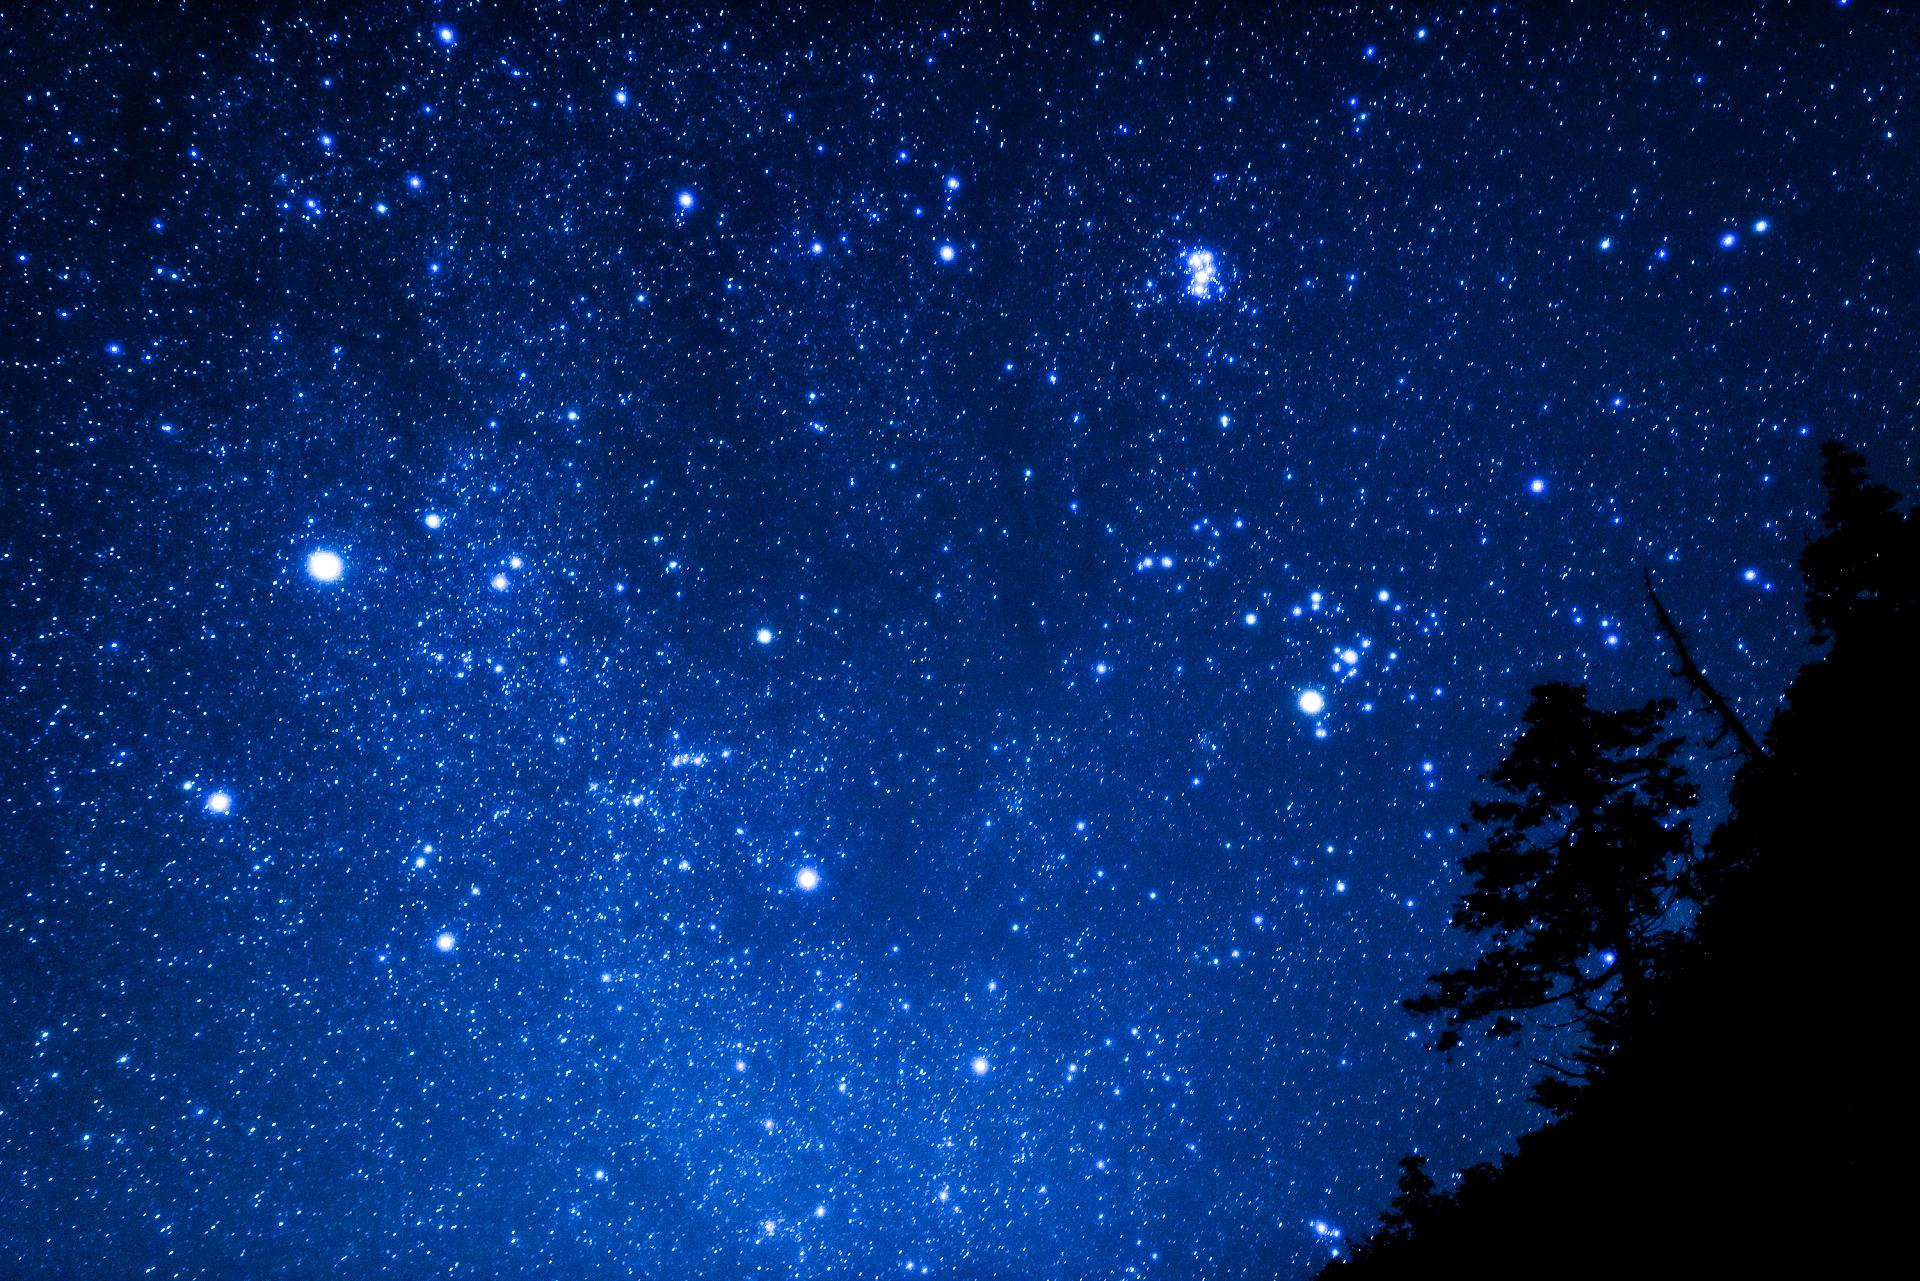 満天の星空が見える西表島の7月の夜空